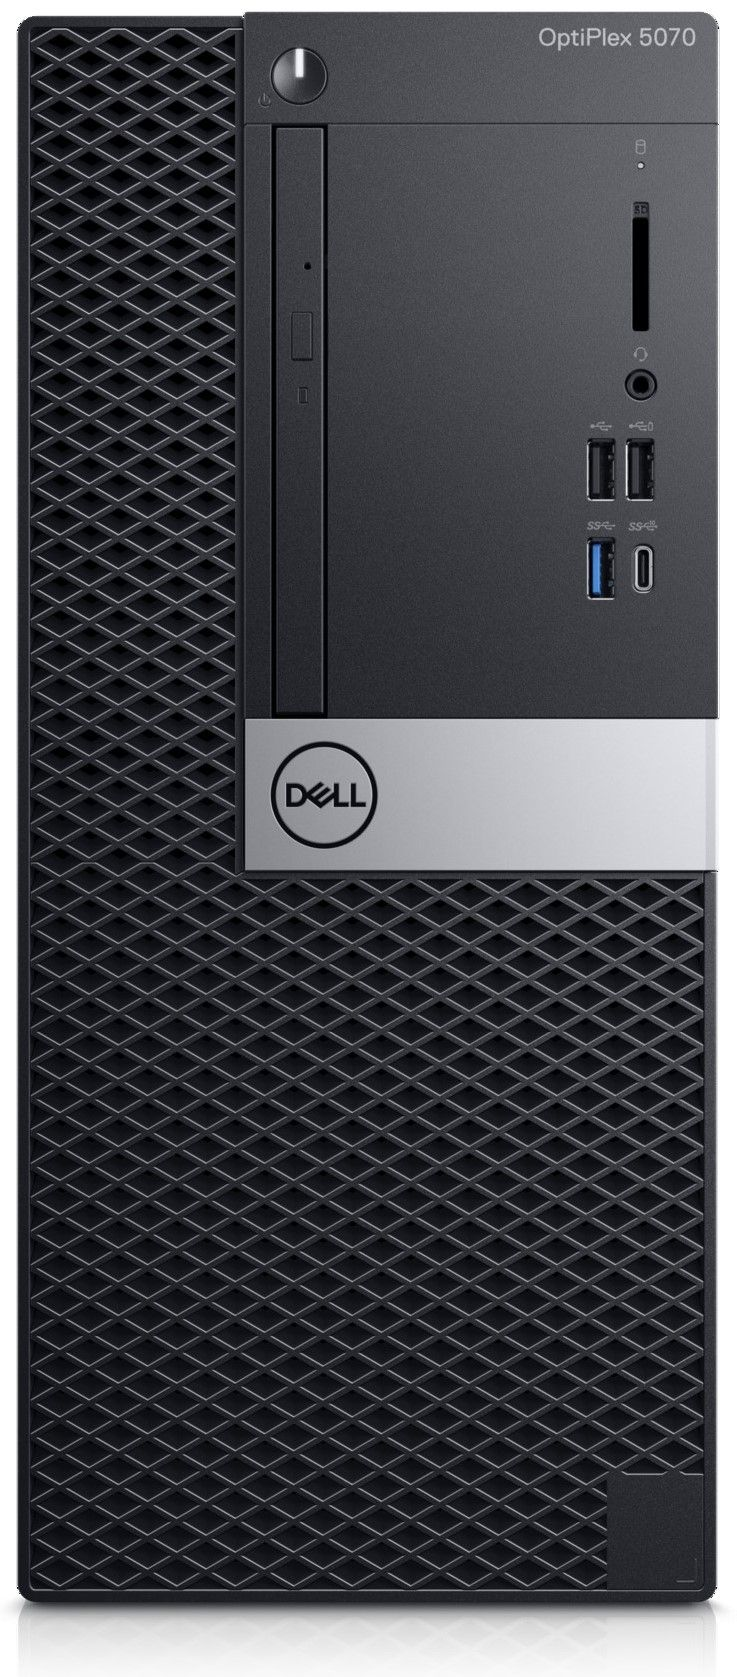 Настолен компютър Dell Optiplex - 5070 MT, черен - 1